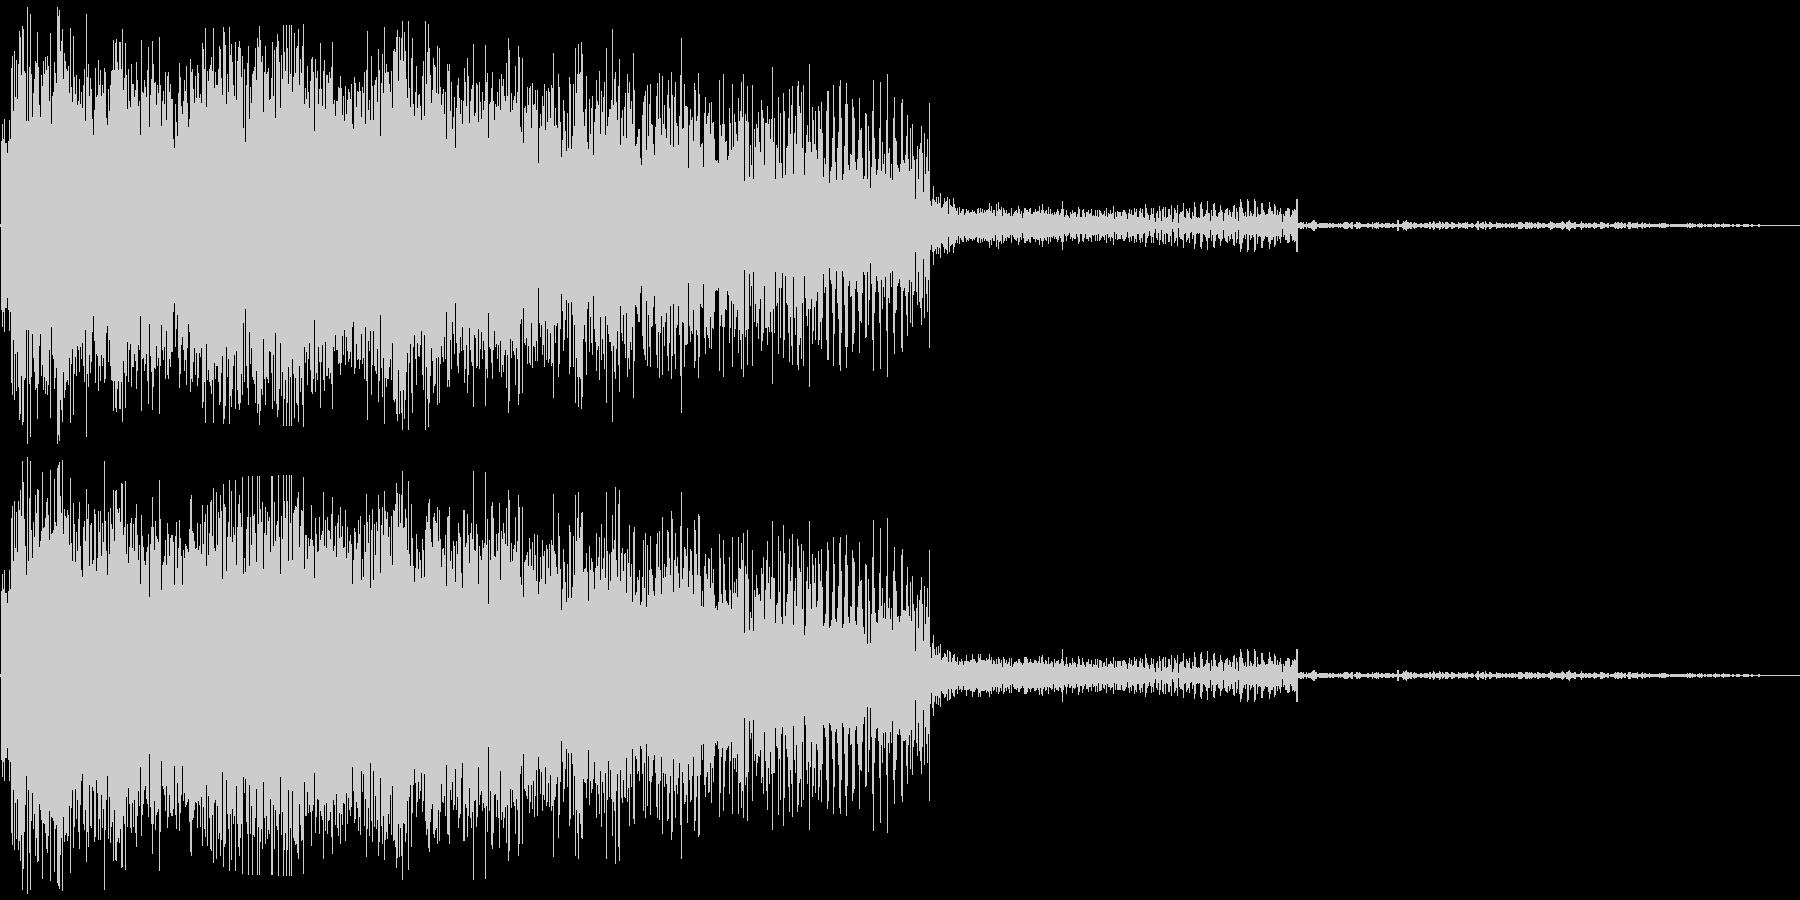 ビームライフル発射音 タイプ1の未再生の波形